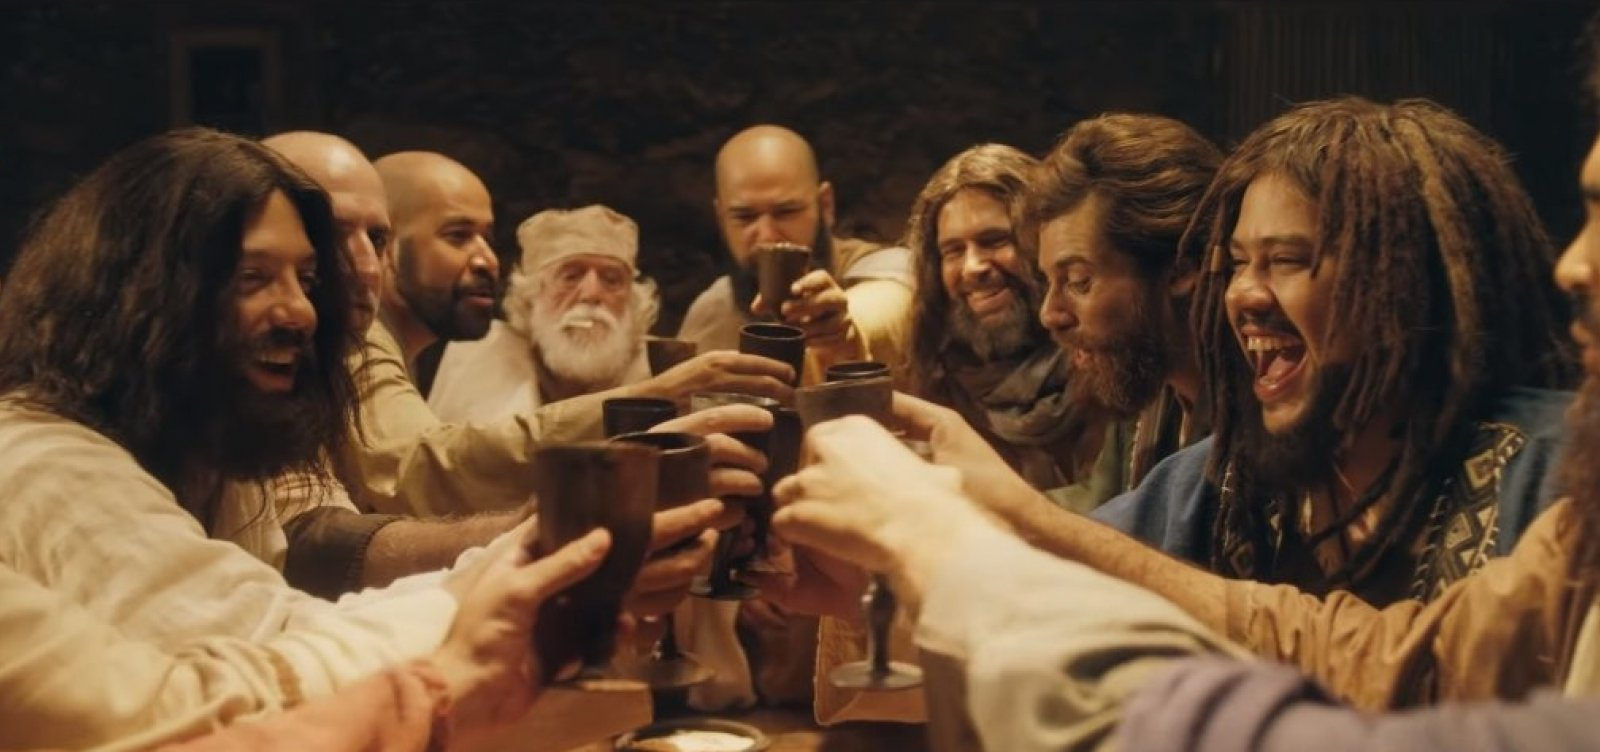 Especial de Natal do Porta dos Fundos leva Emmy Internacional de melhor comédia